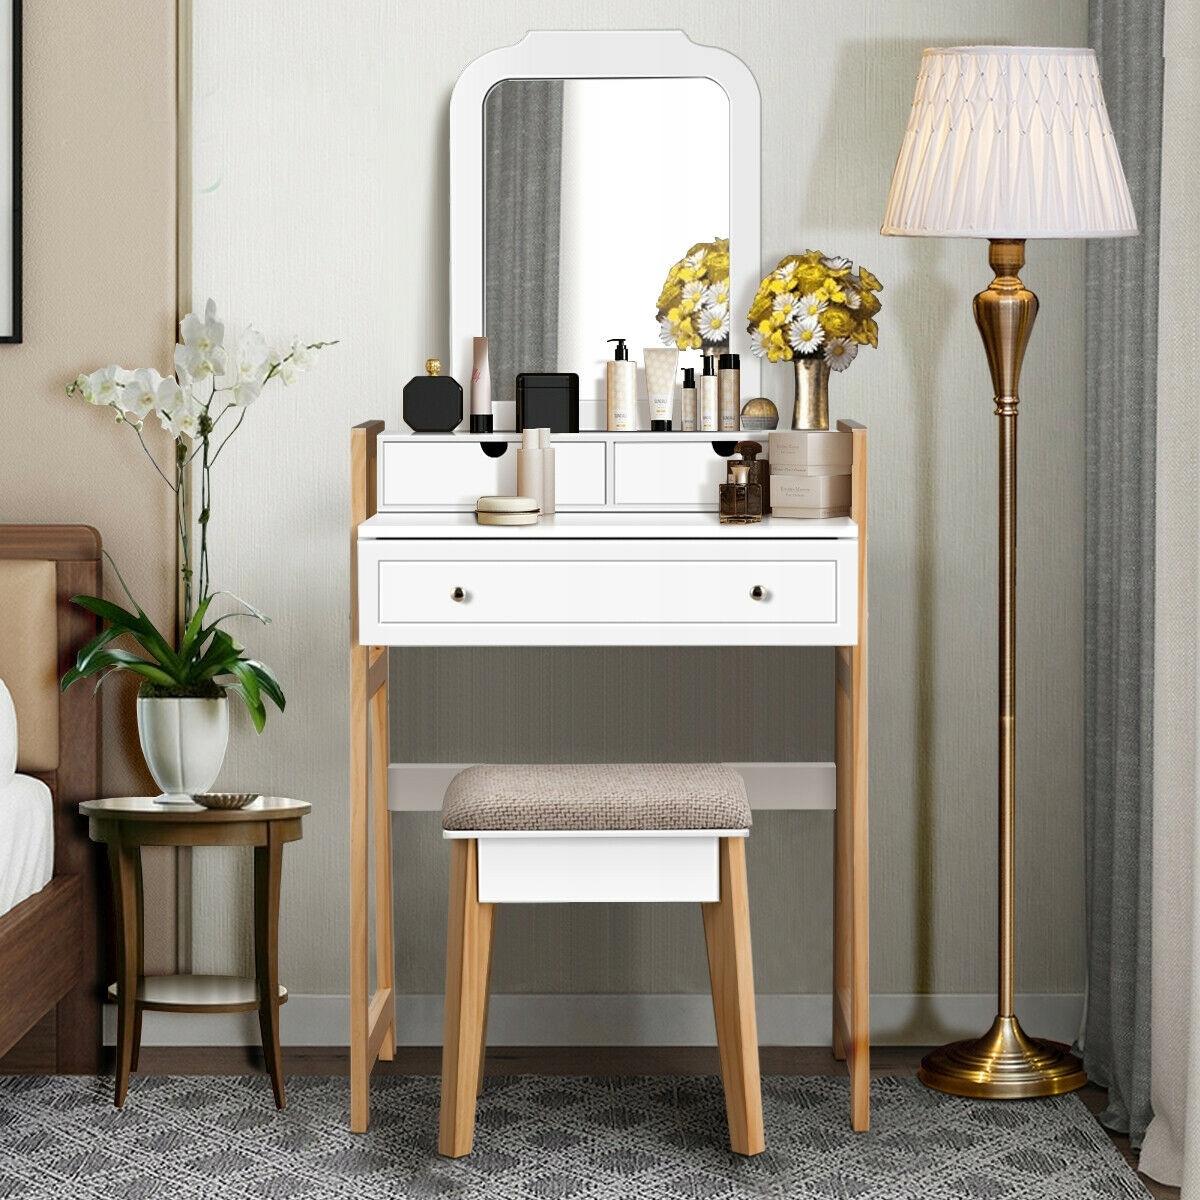 Туалетный столик COSMETIC с зеркалом new design Высота мебели 137 см.